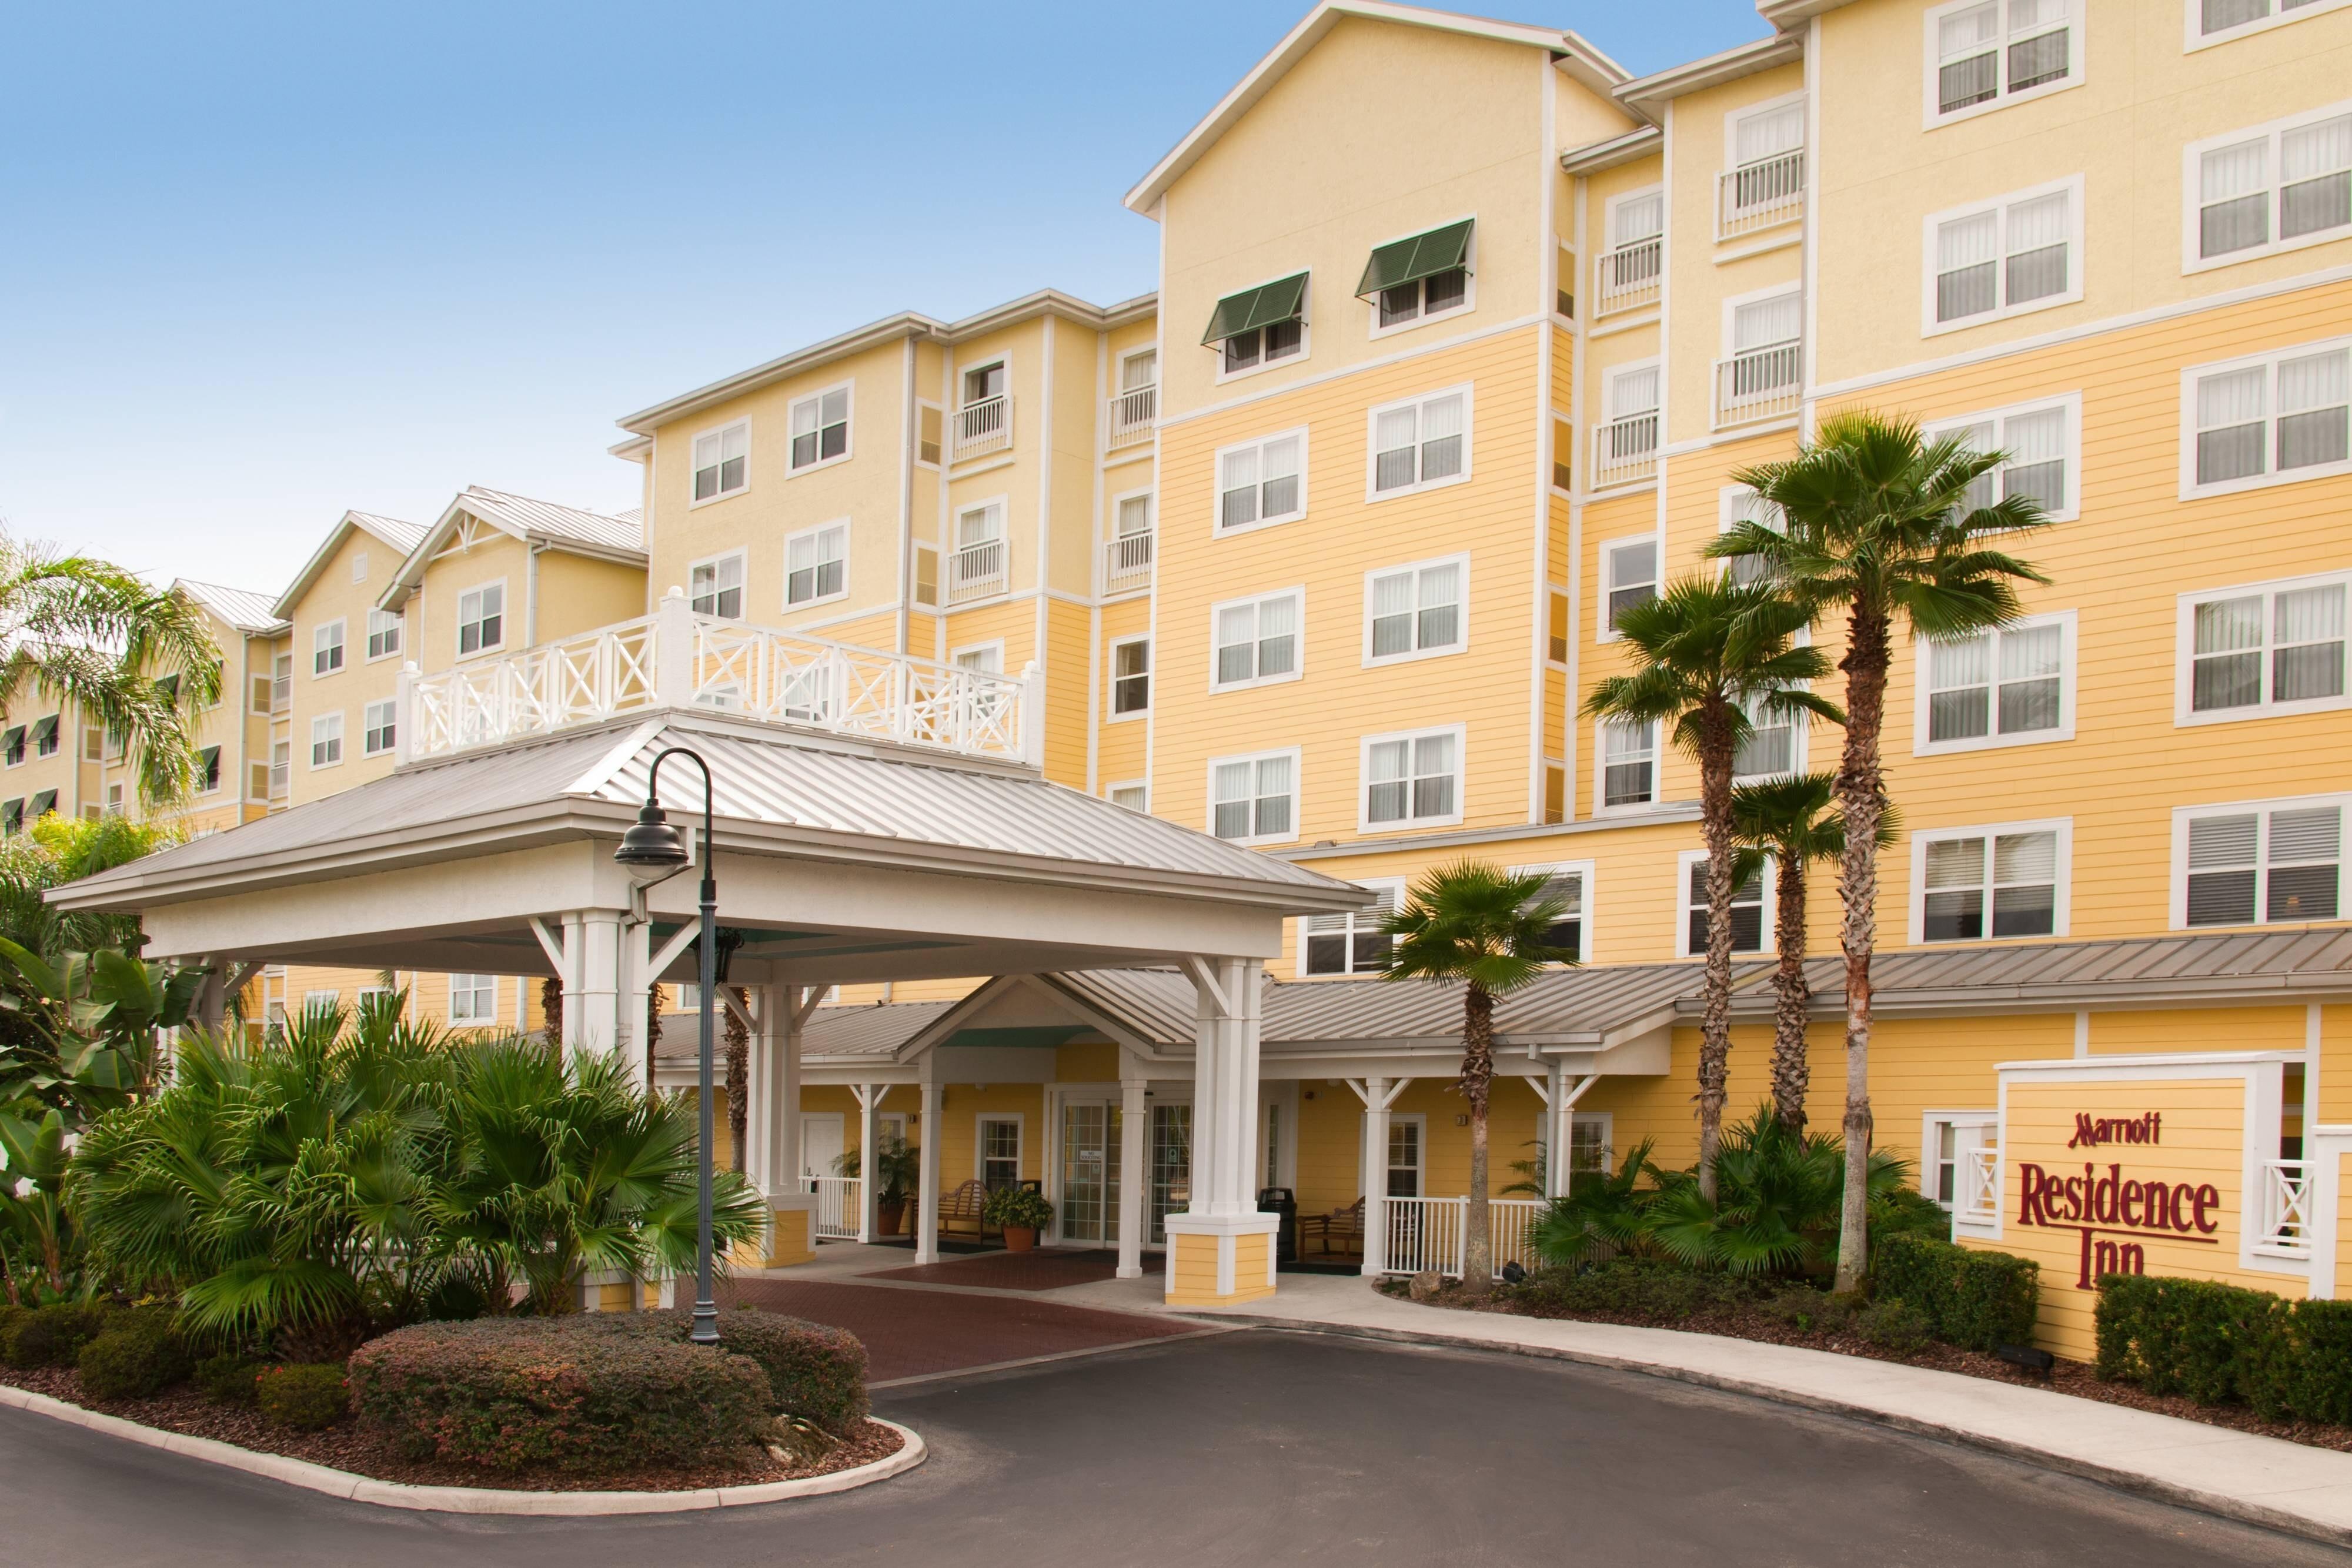 Residence Inn Orlando Exterior